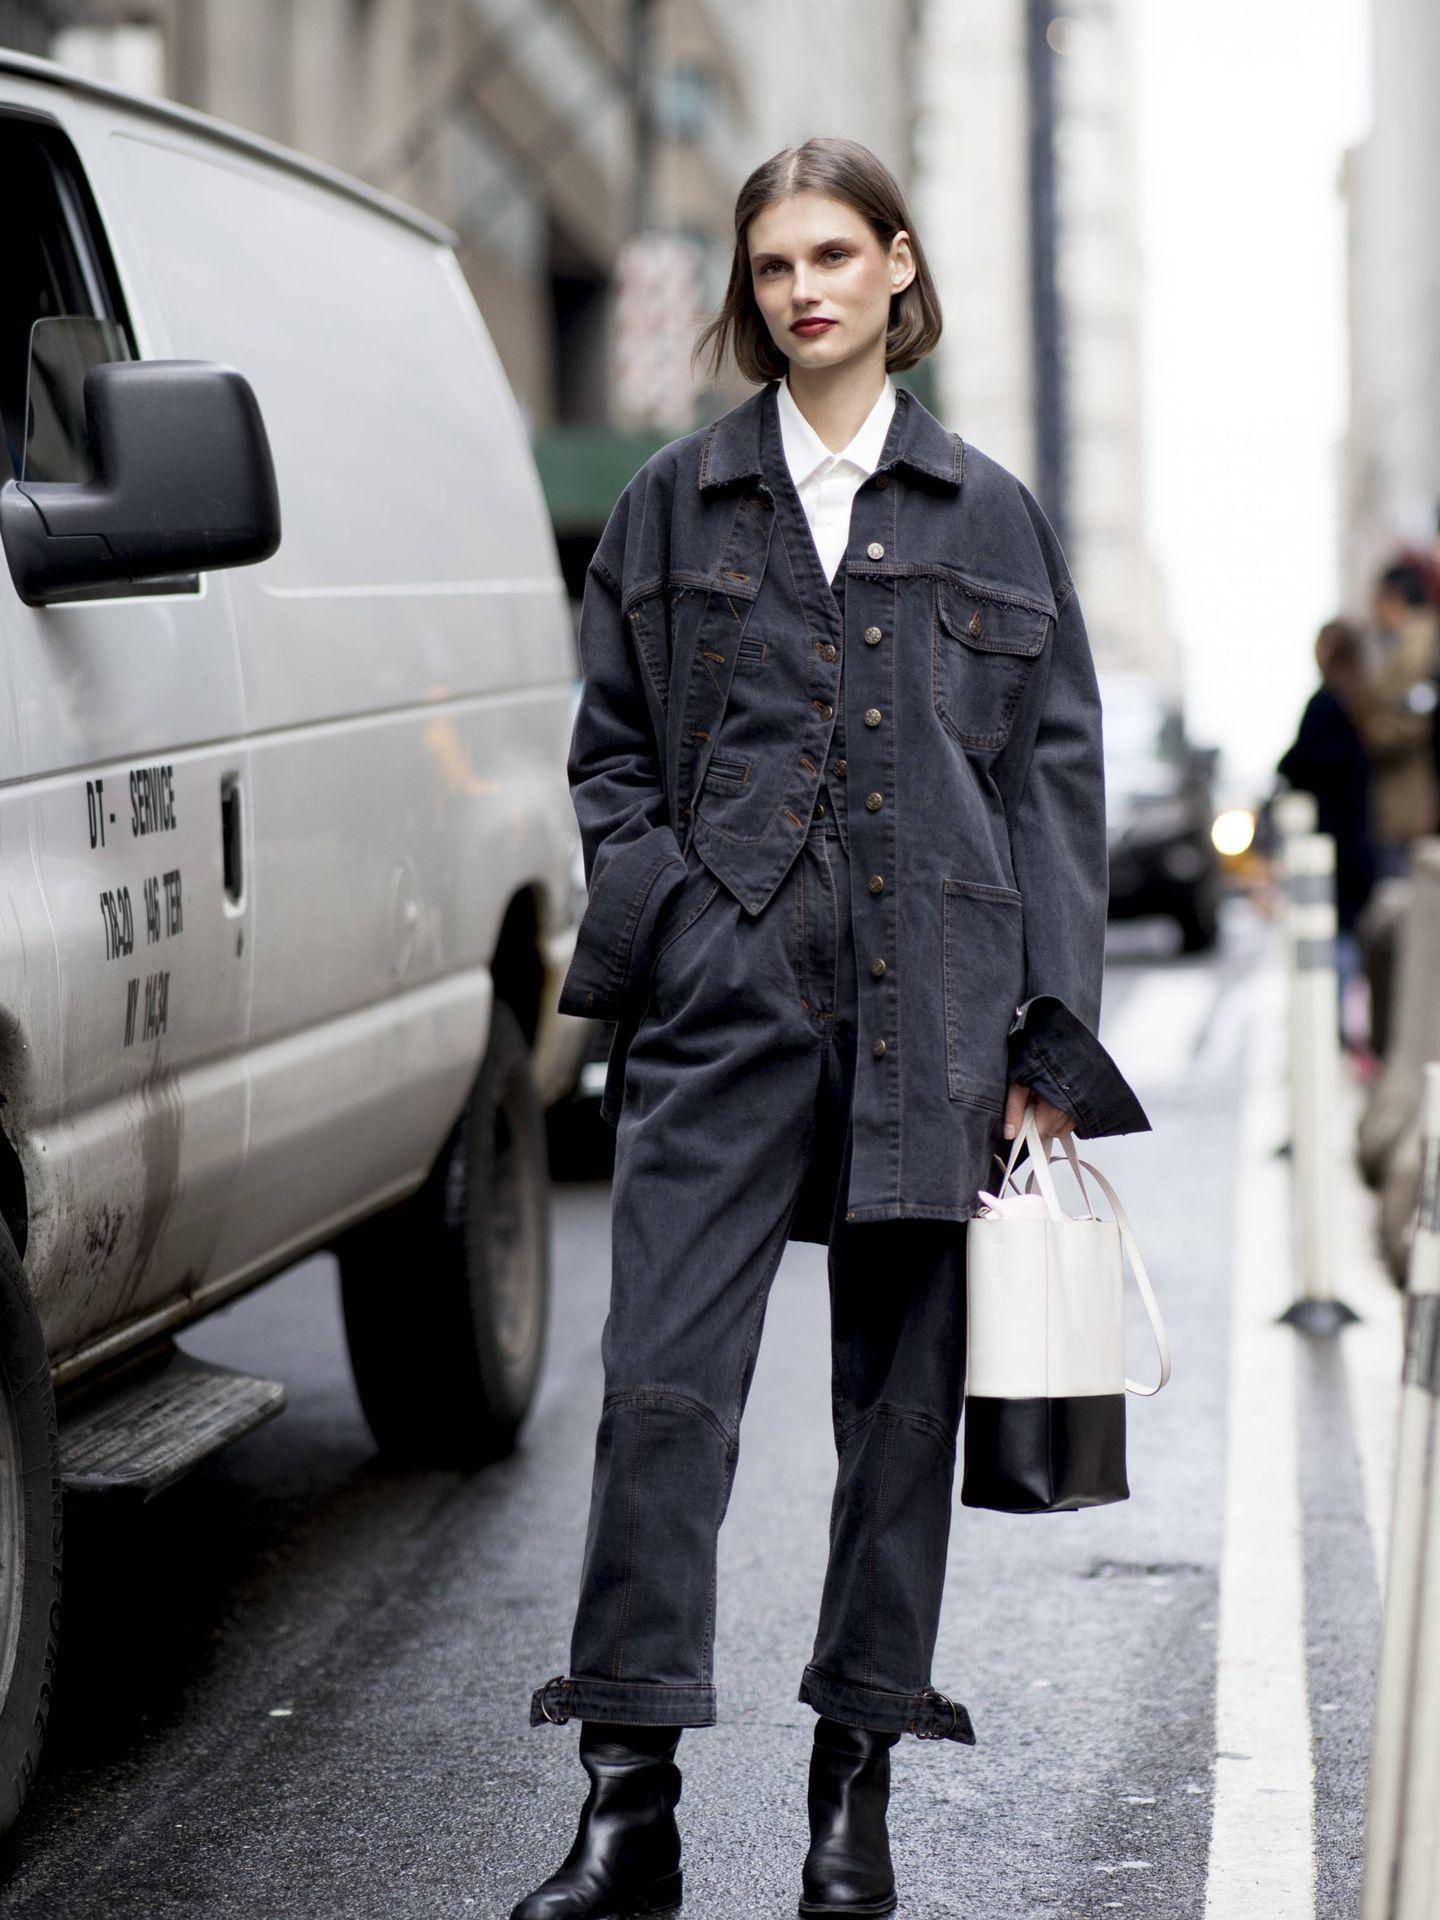 El look denim para ir al trabajo.  (Imaxtree)